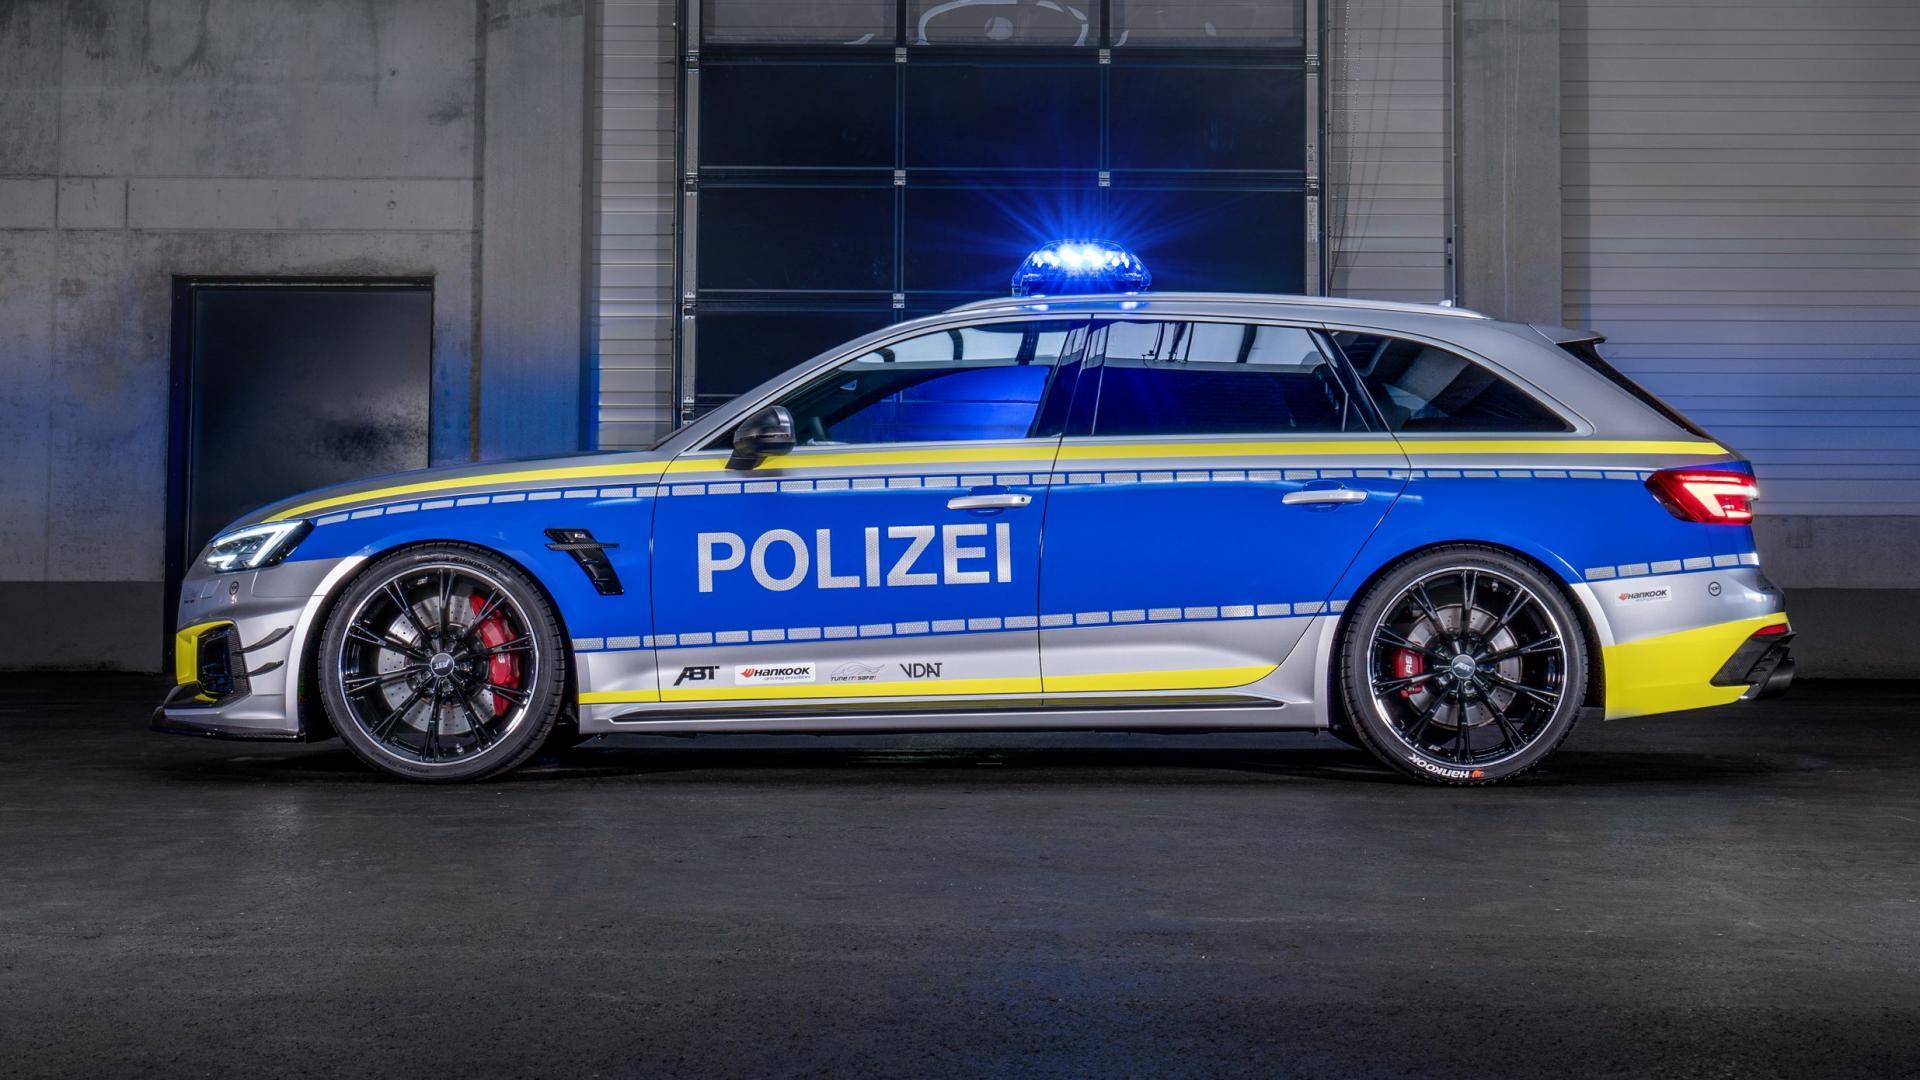 politie-abt audi rs 4-r